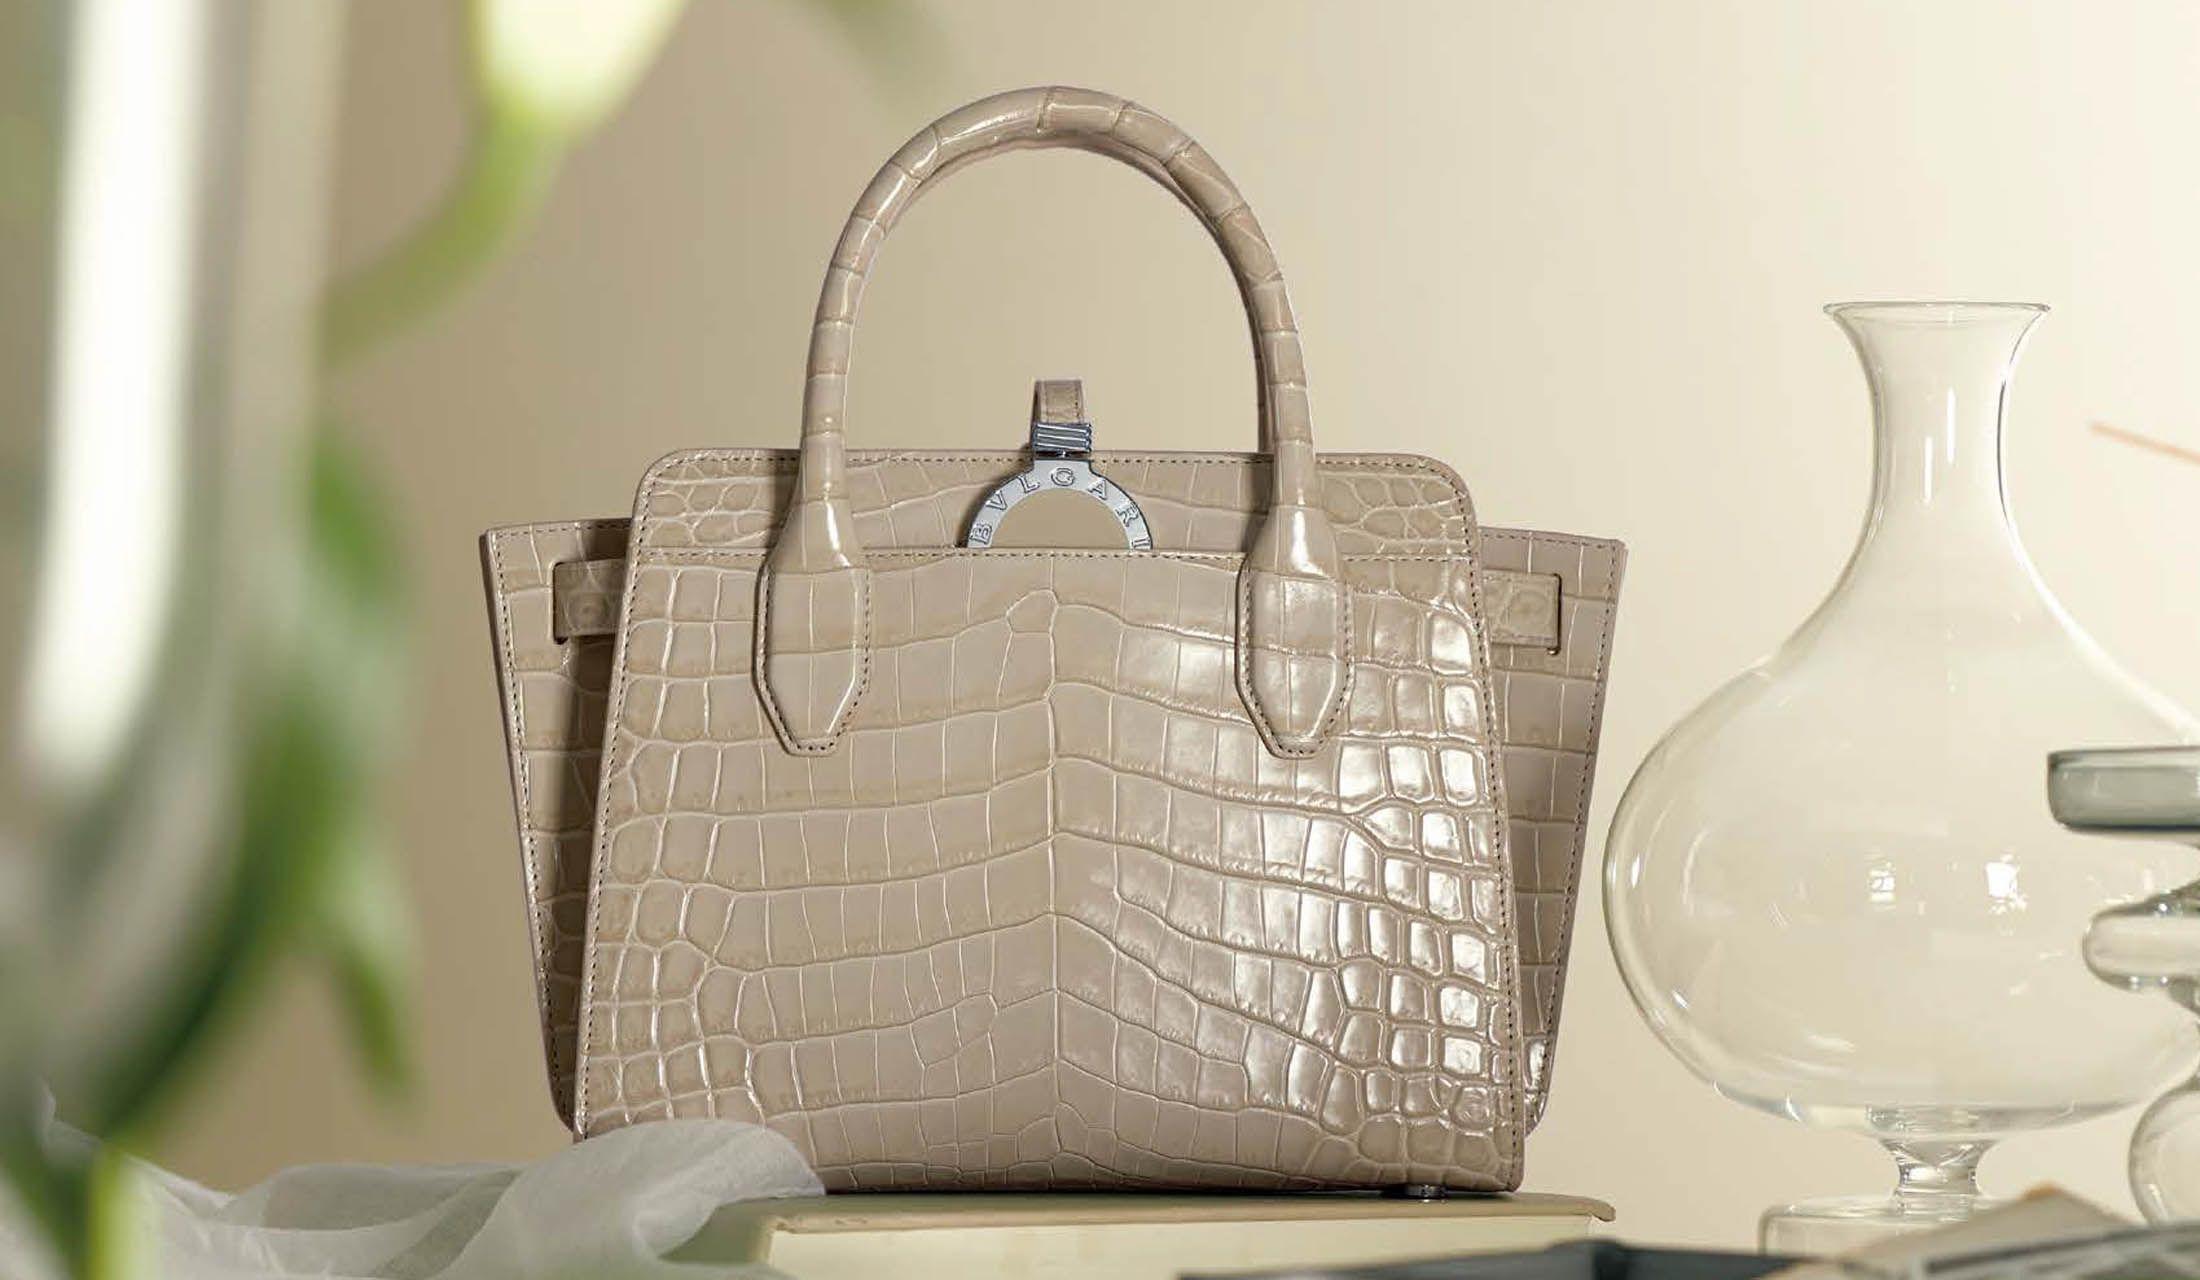 ブルガリ・ブルガリのバッグ「アルバ」